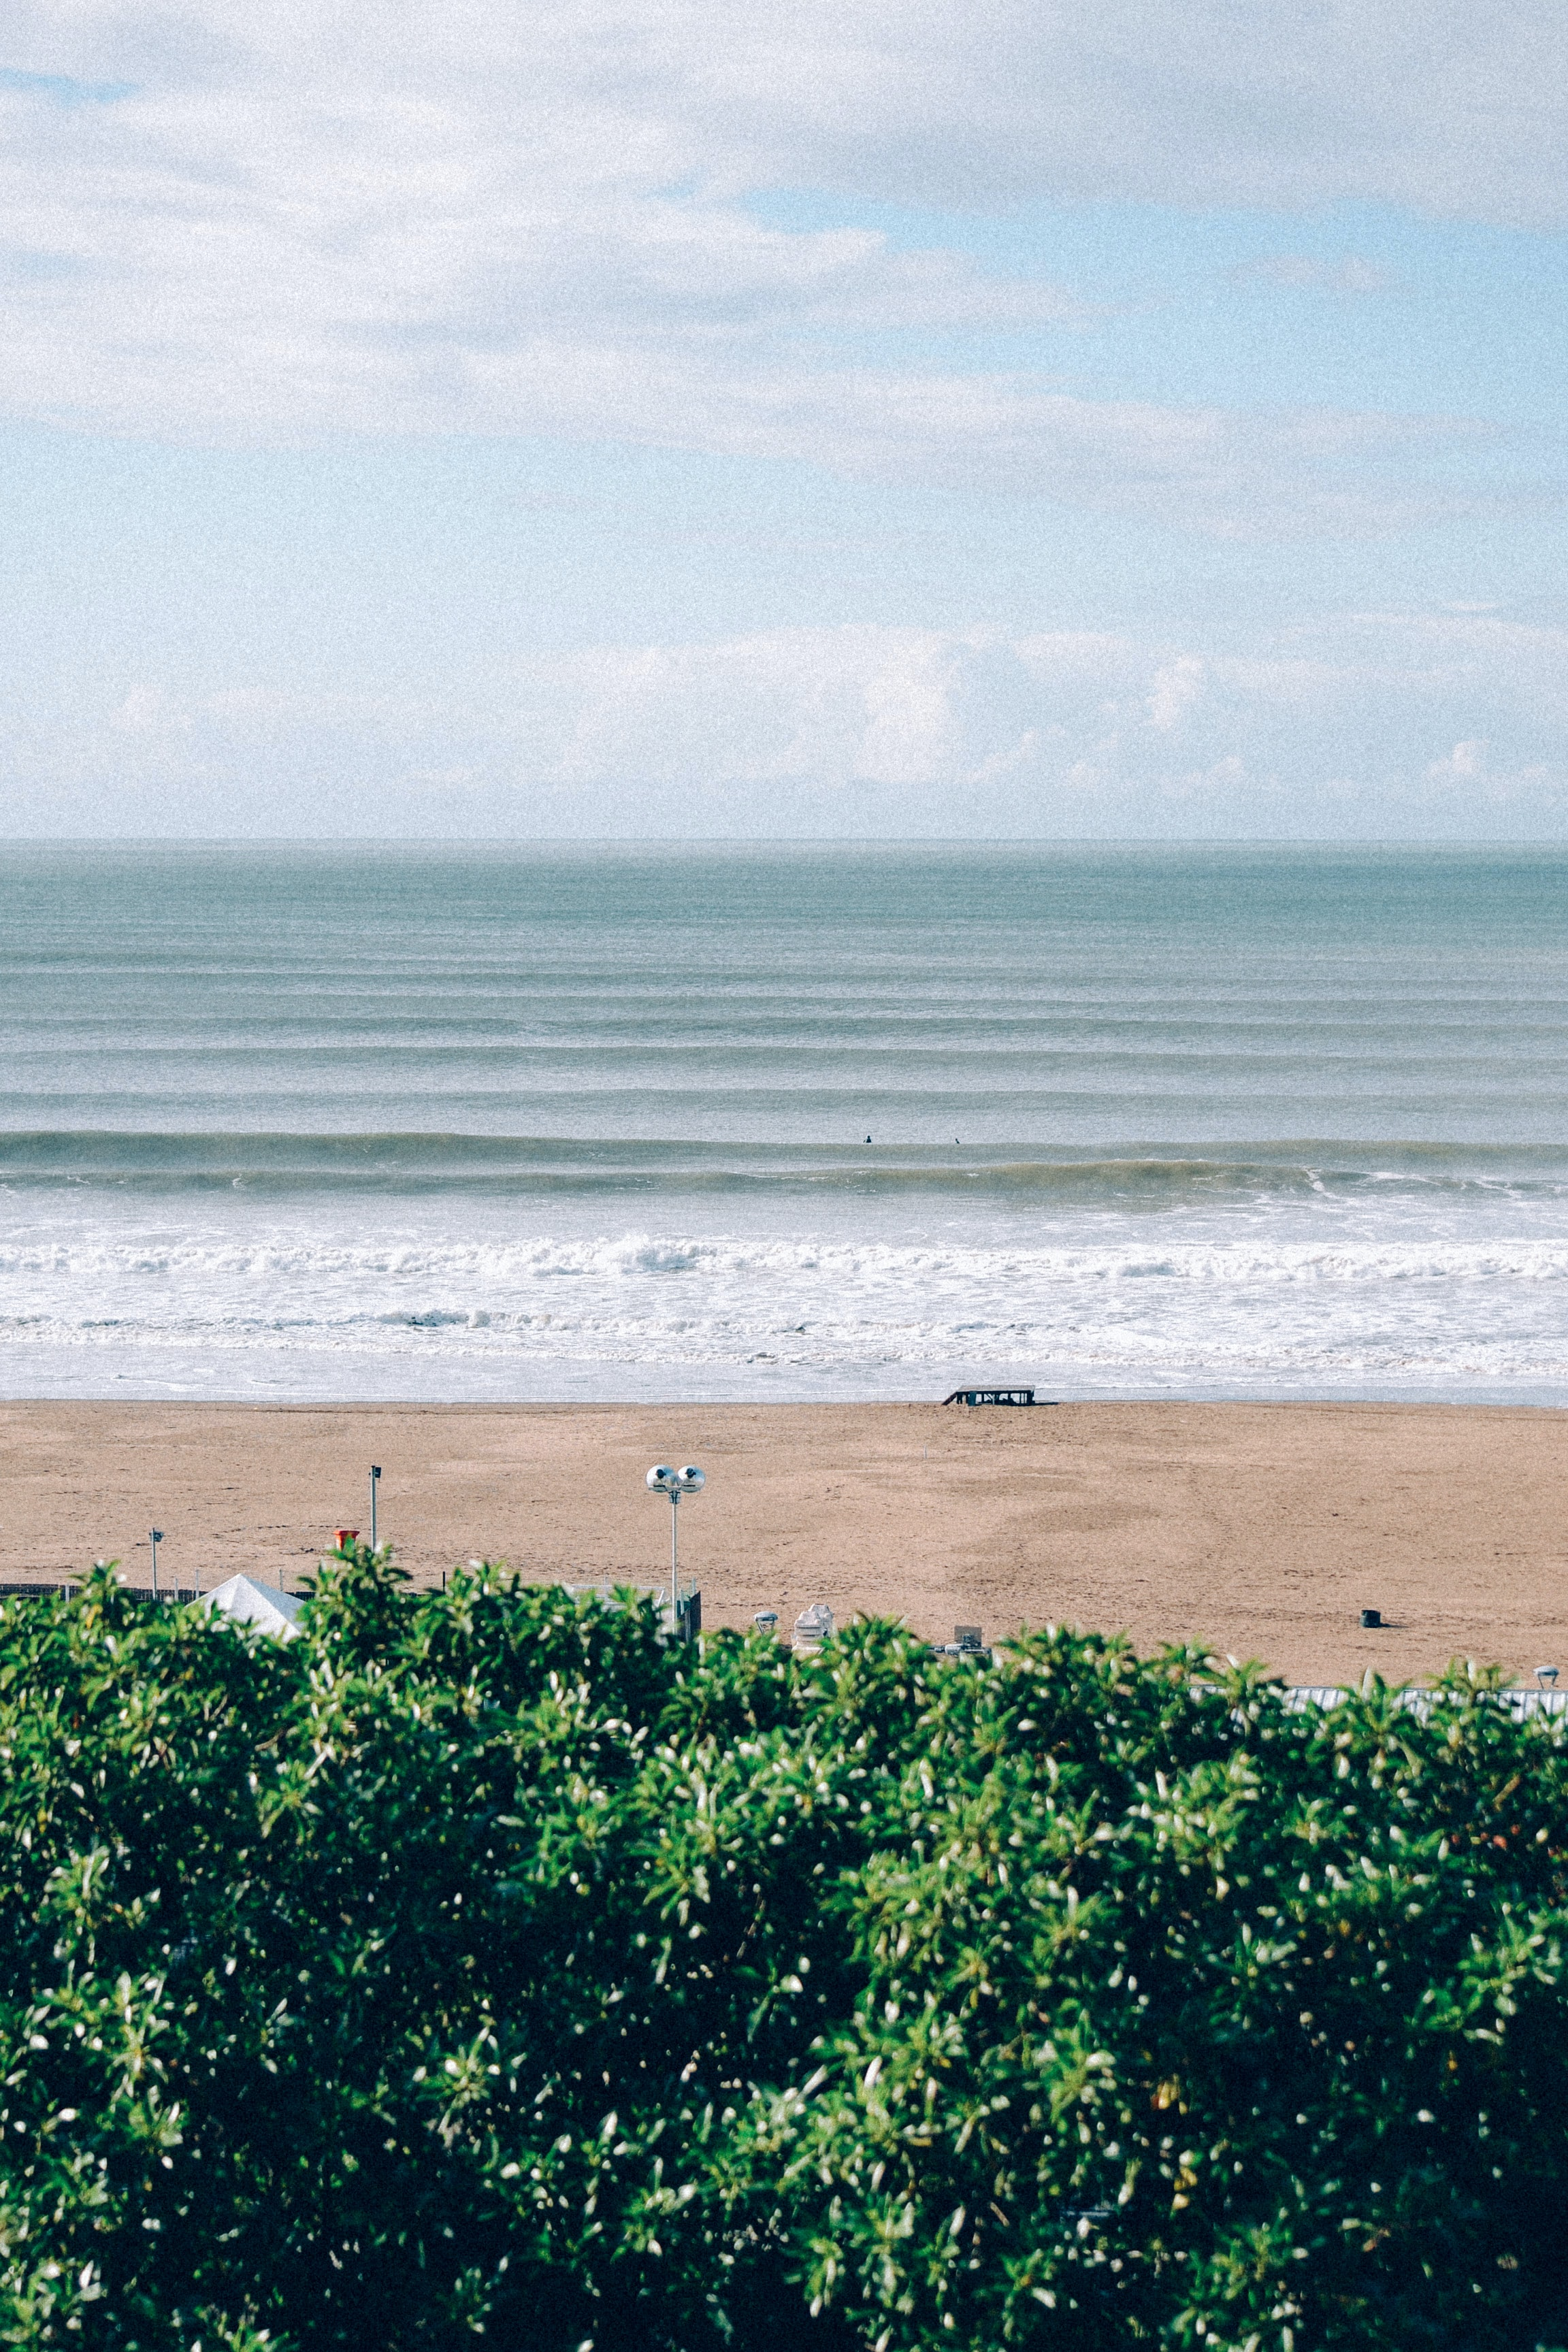 beach sand in front of ocean